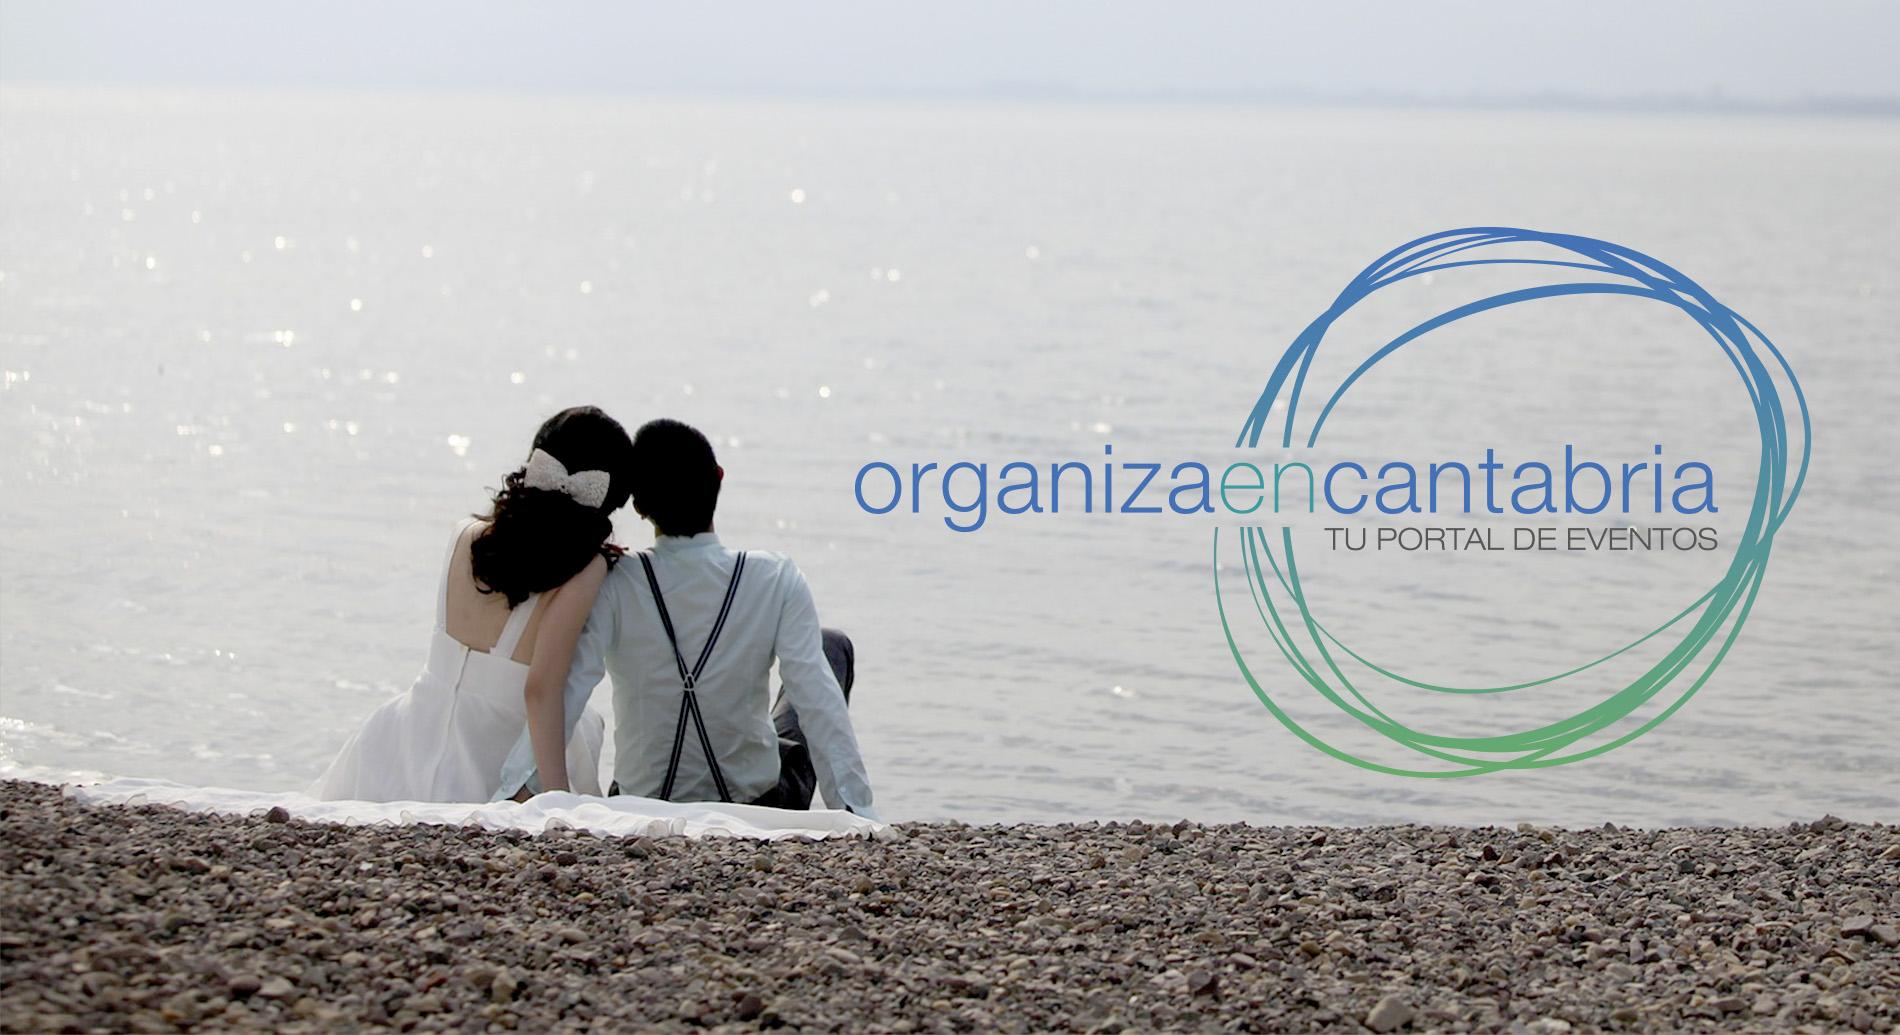 Organiza en Cantabria